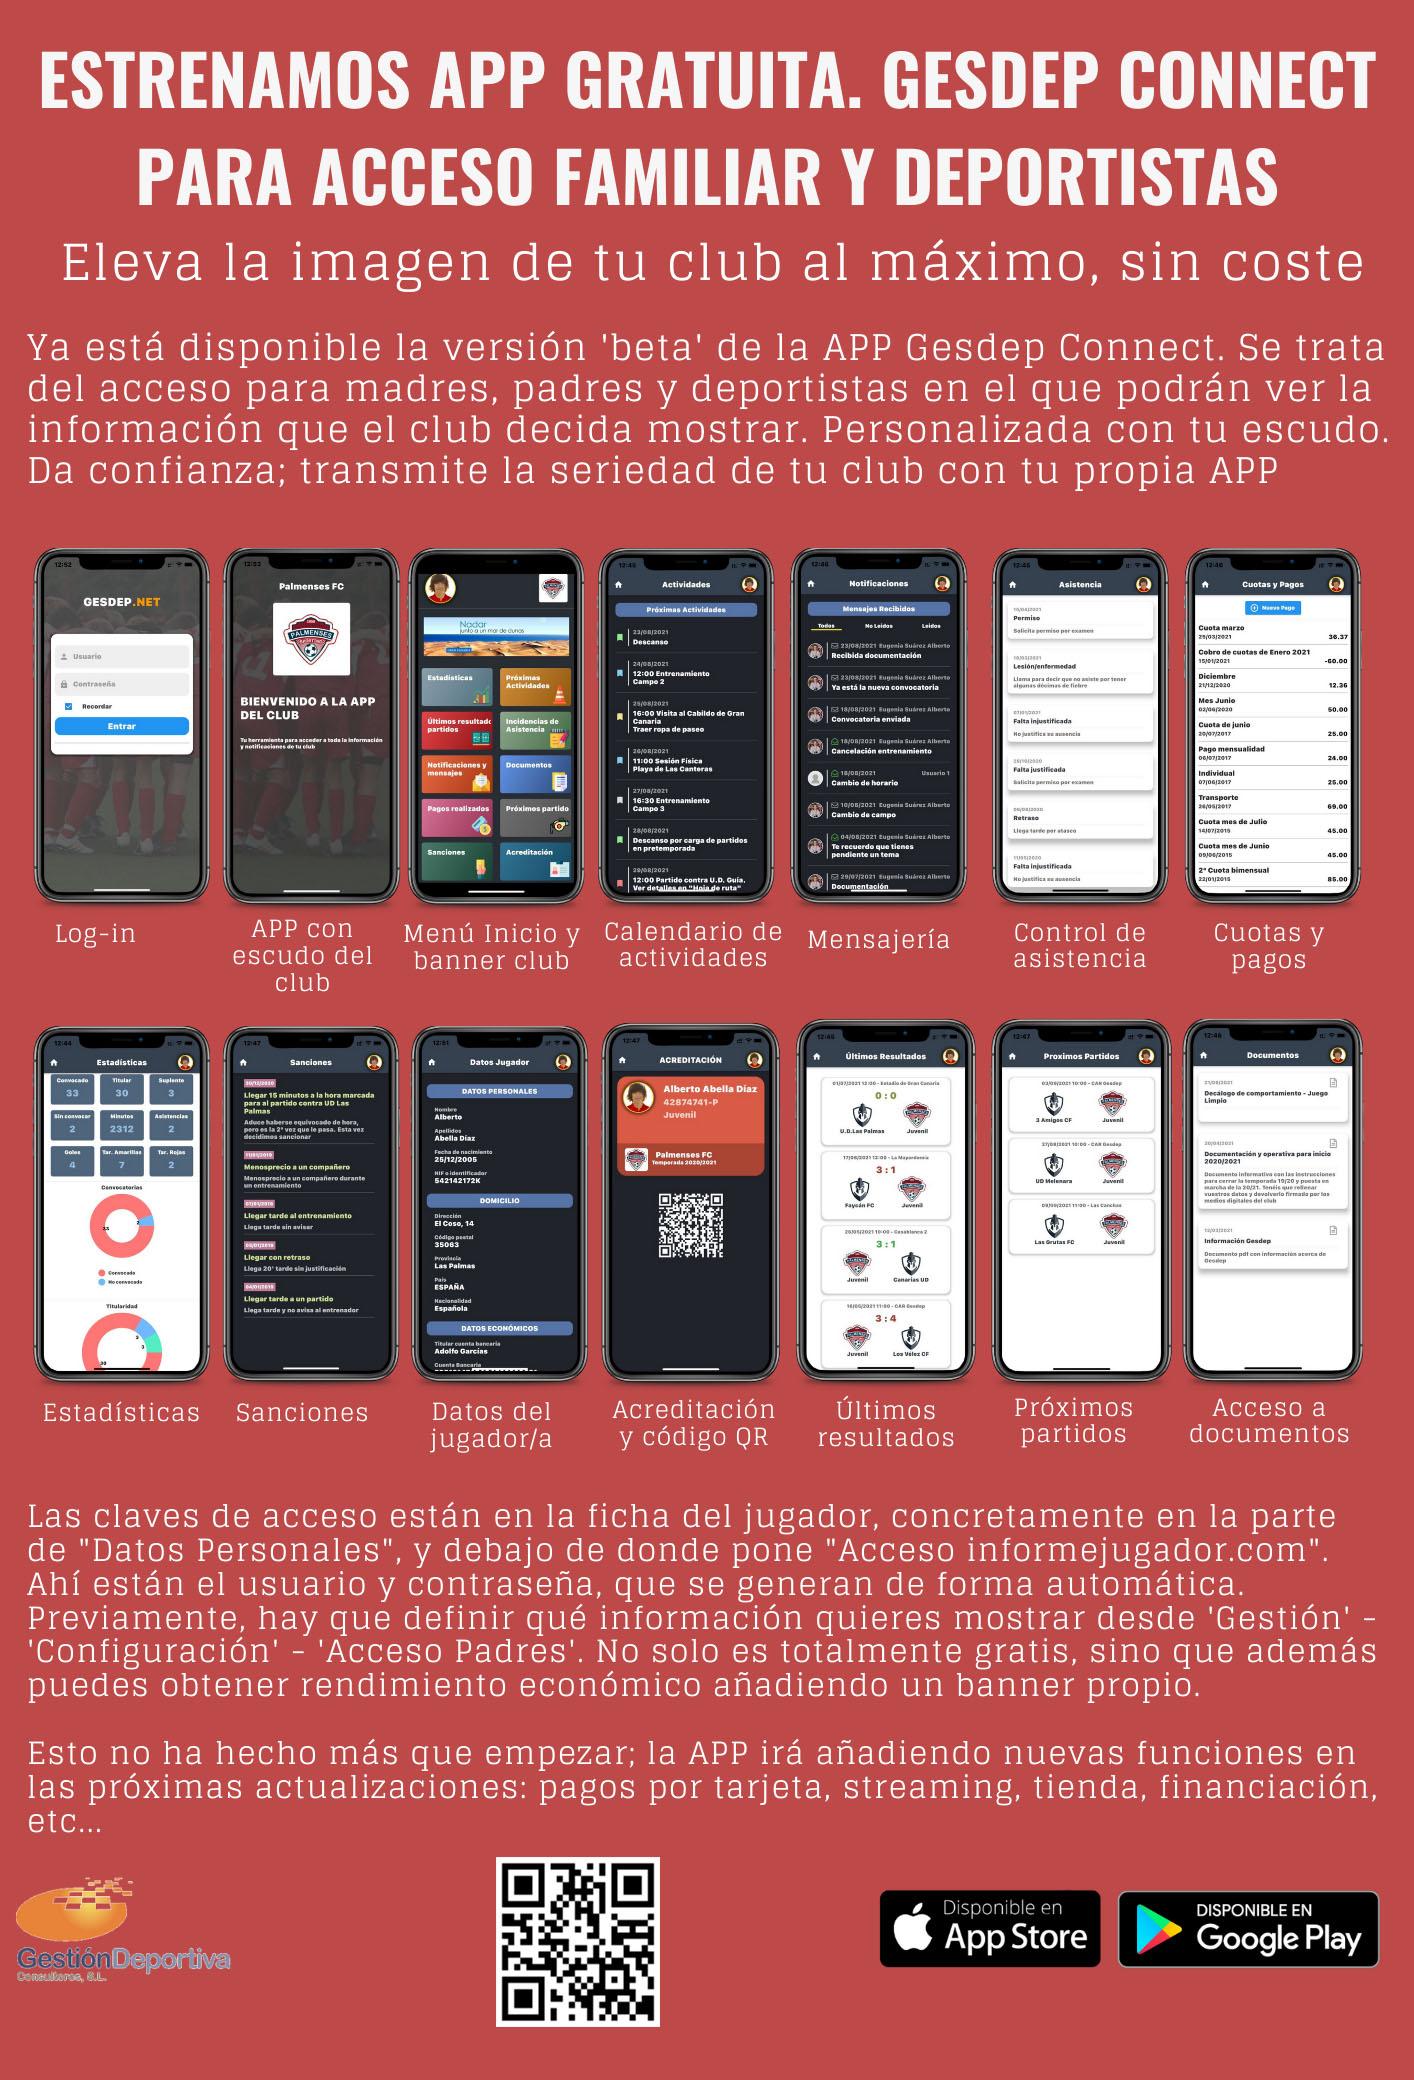 COMUNICADO 2: Nueva app para IOS y Android